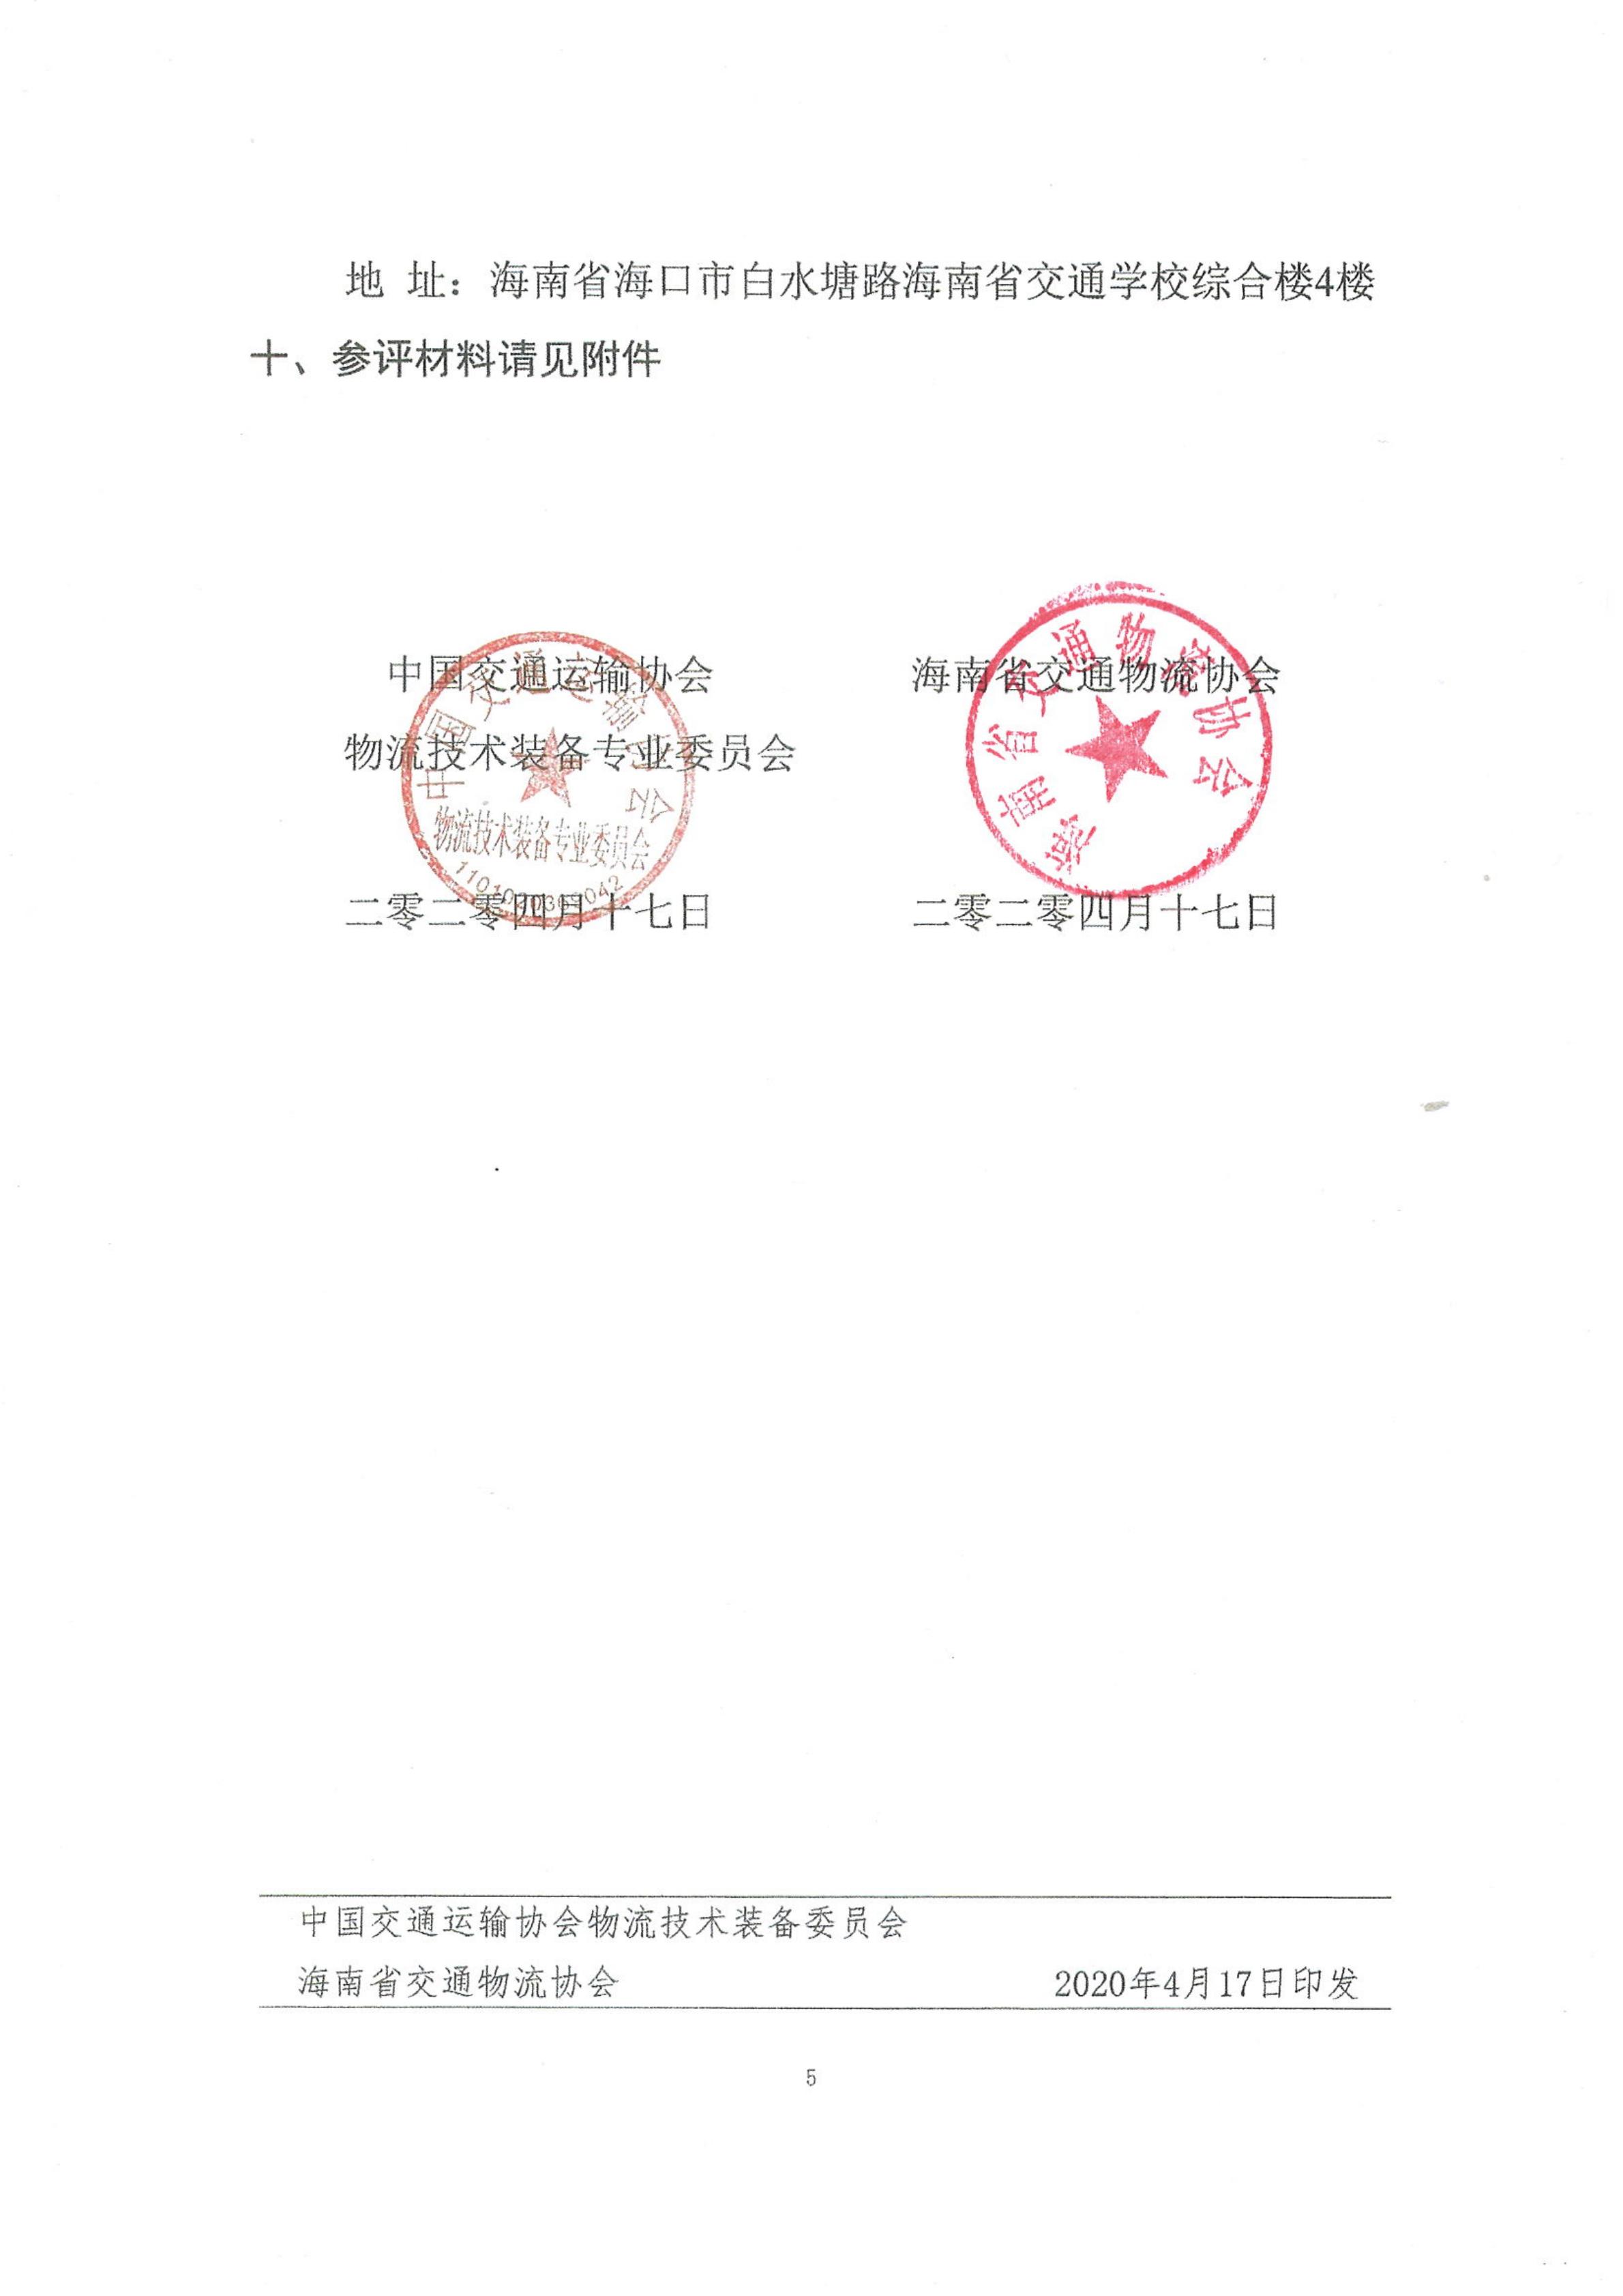 关于开展物流及技术装备行业信用评价工作的通知(2020.4.17)(1)_04.png